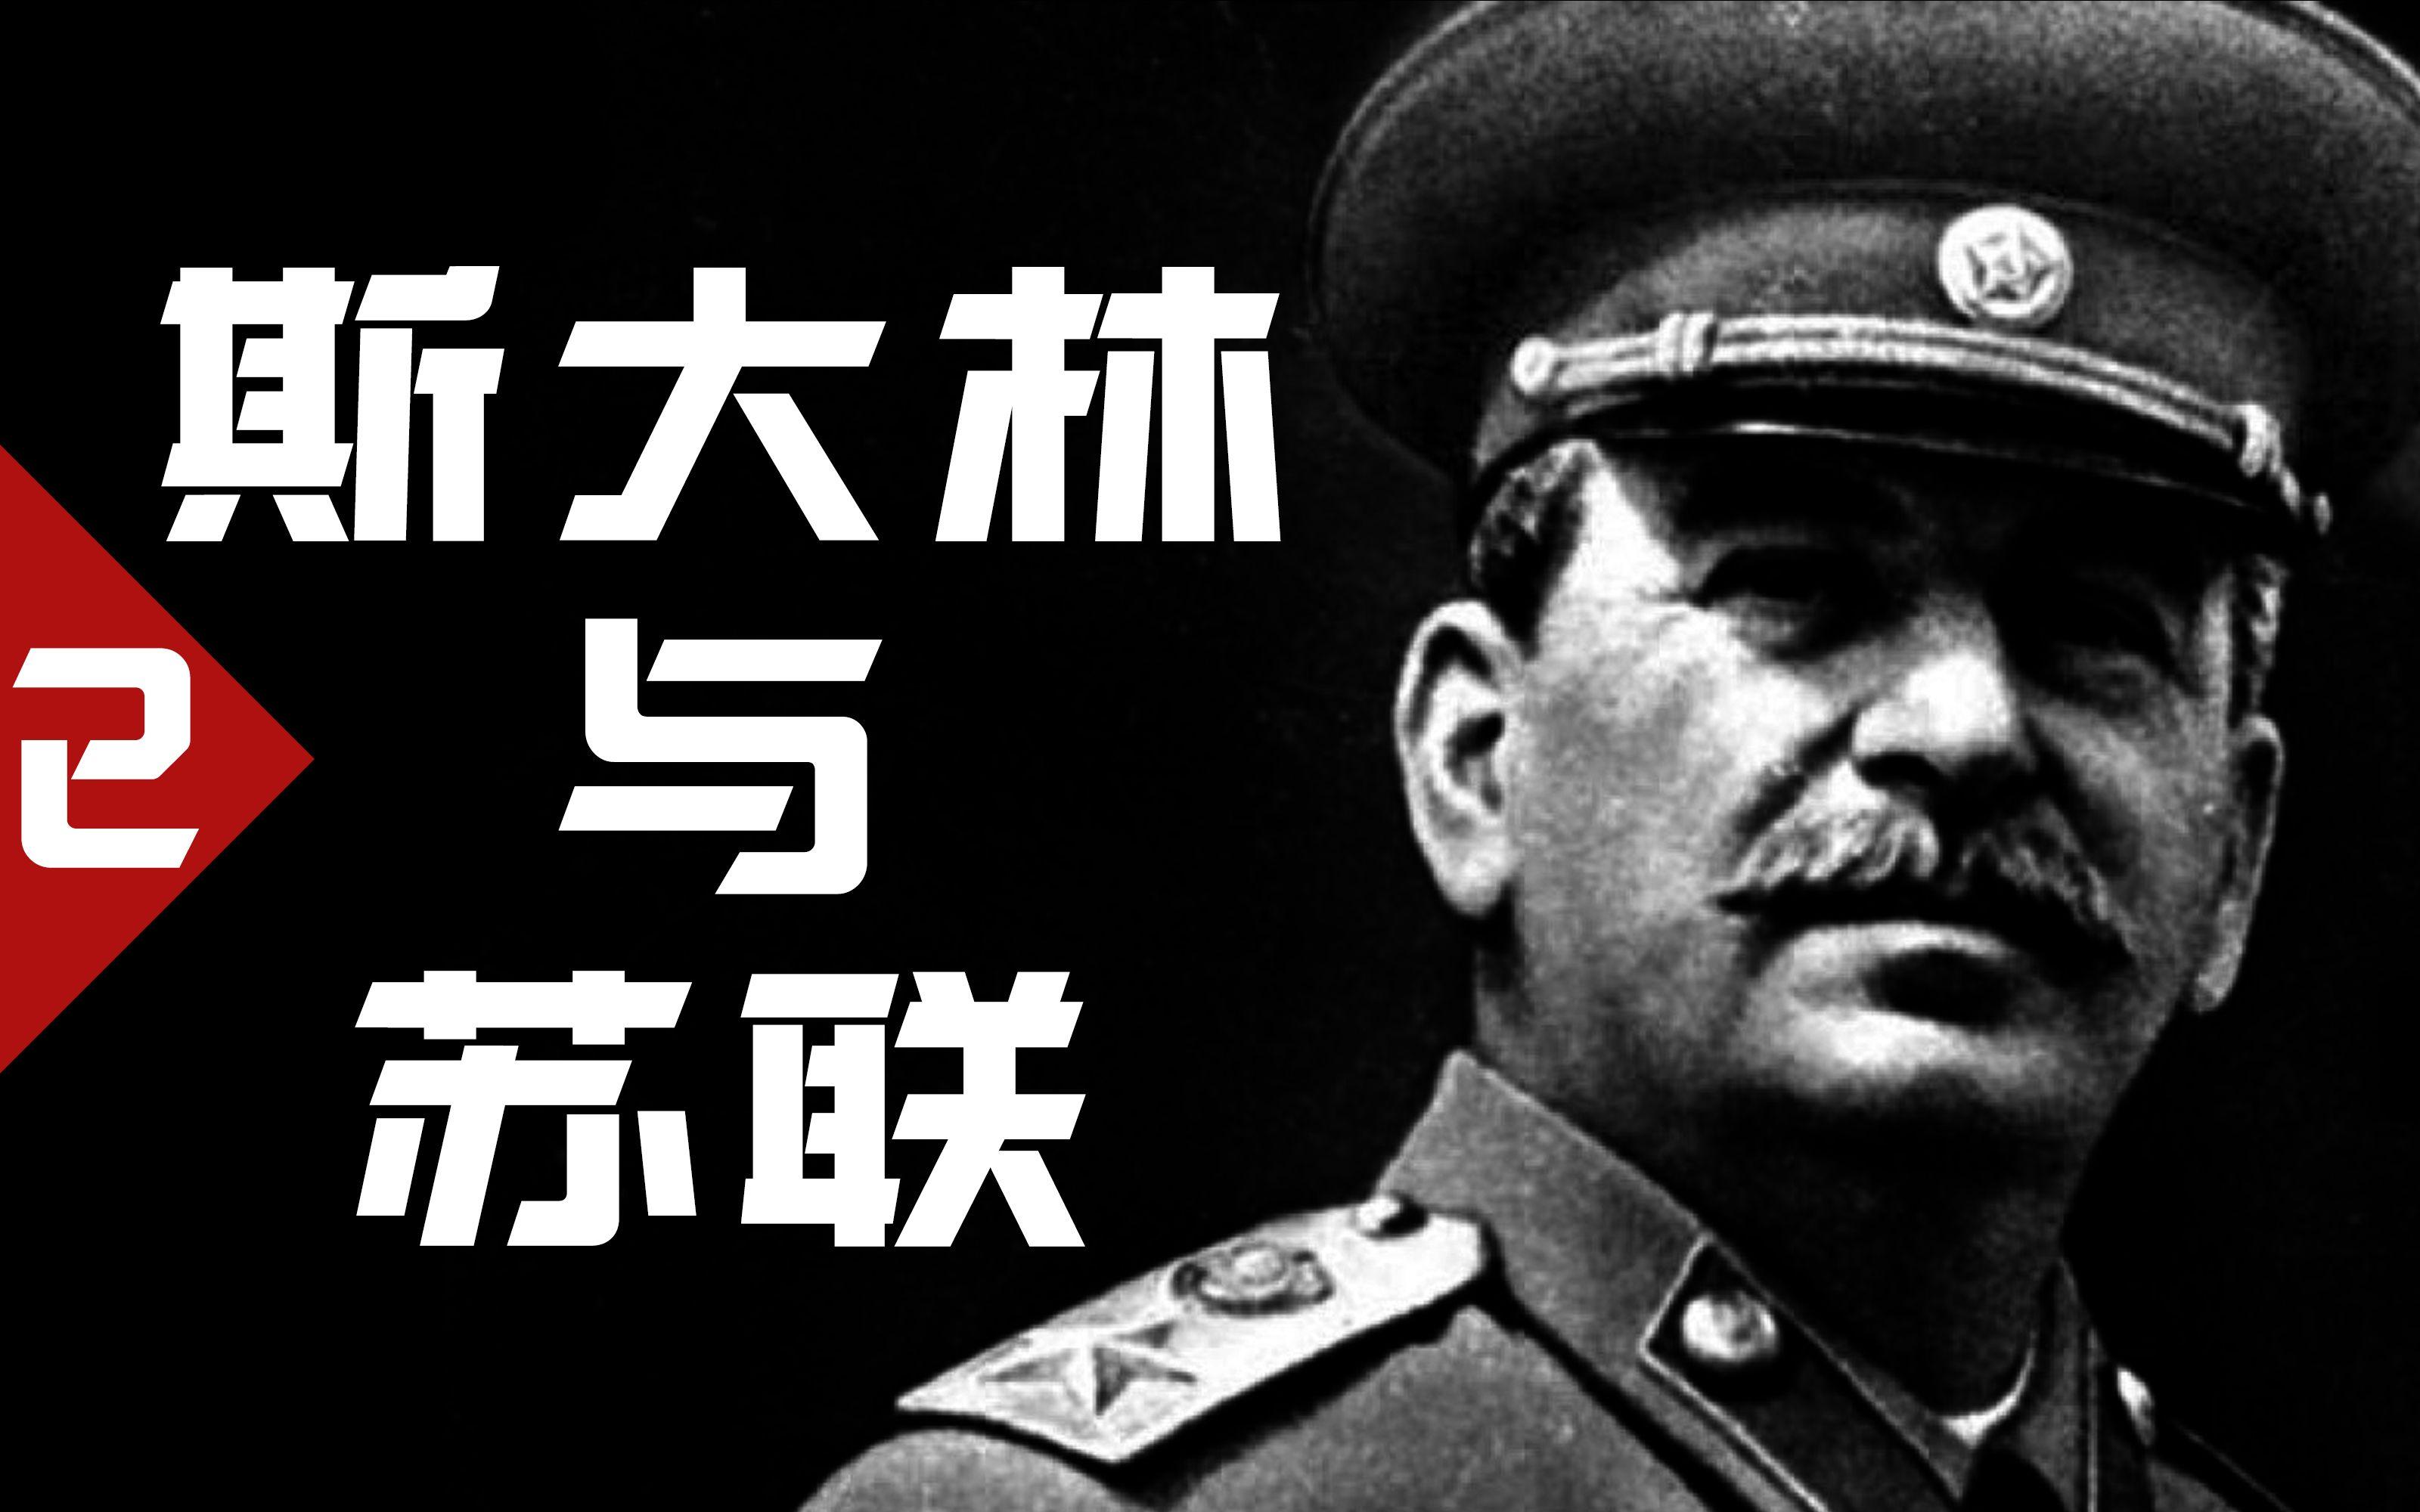 慈父、领袖、钢铁之人, 斯大林与苏联的崛起(中)【历史调研室15】